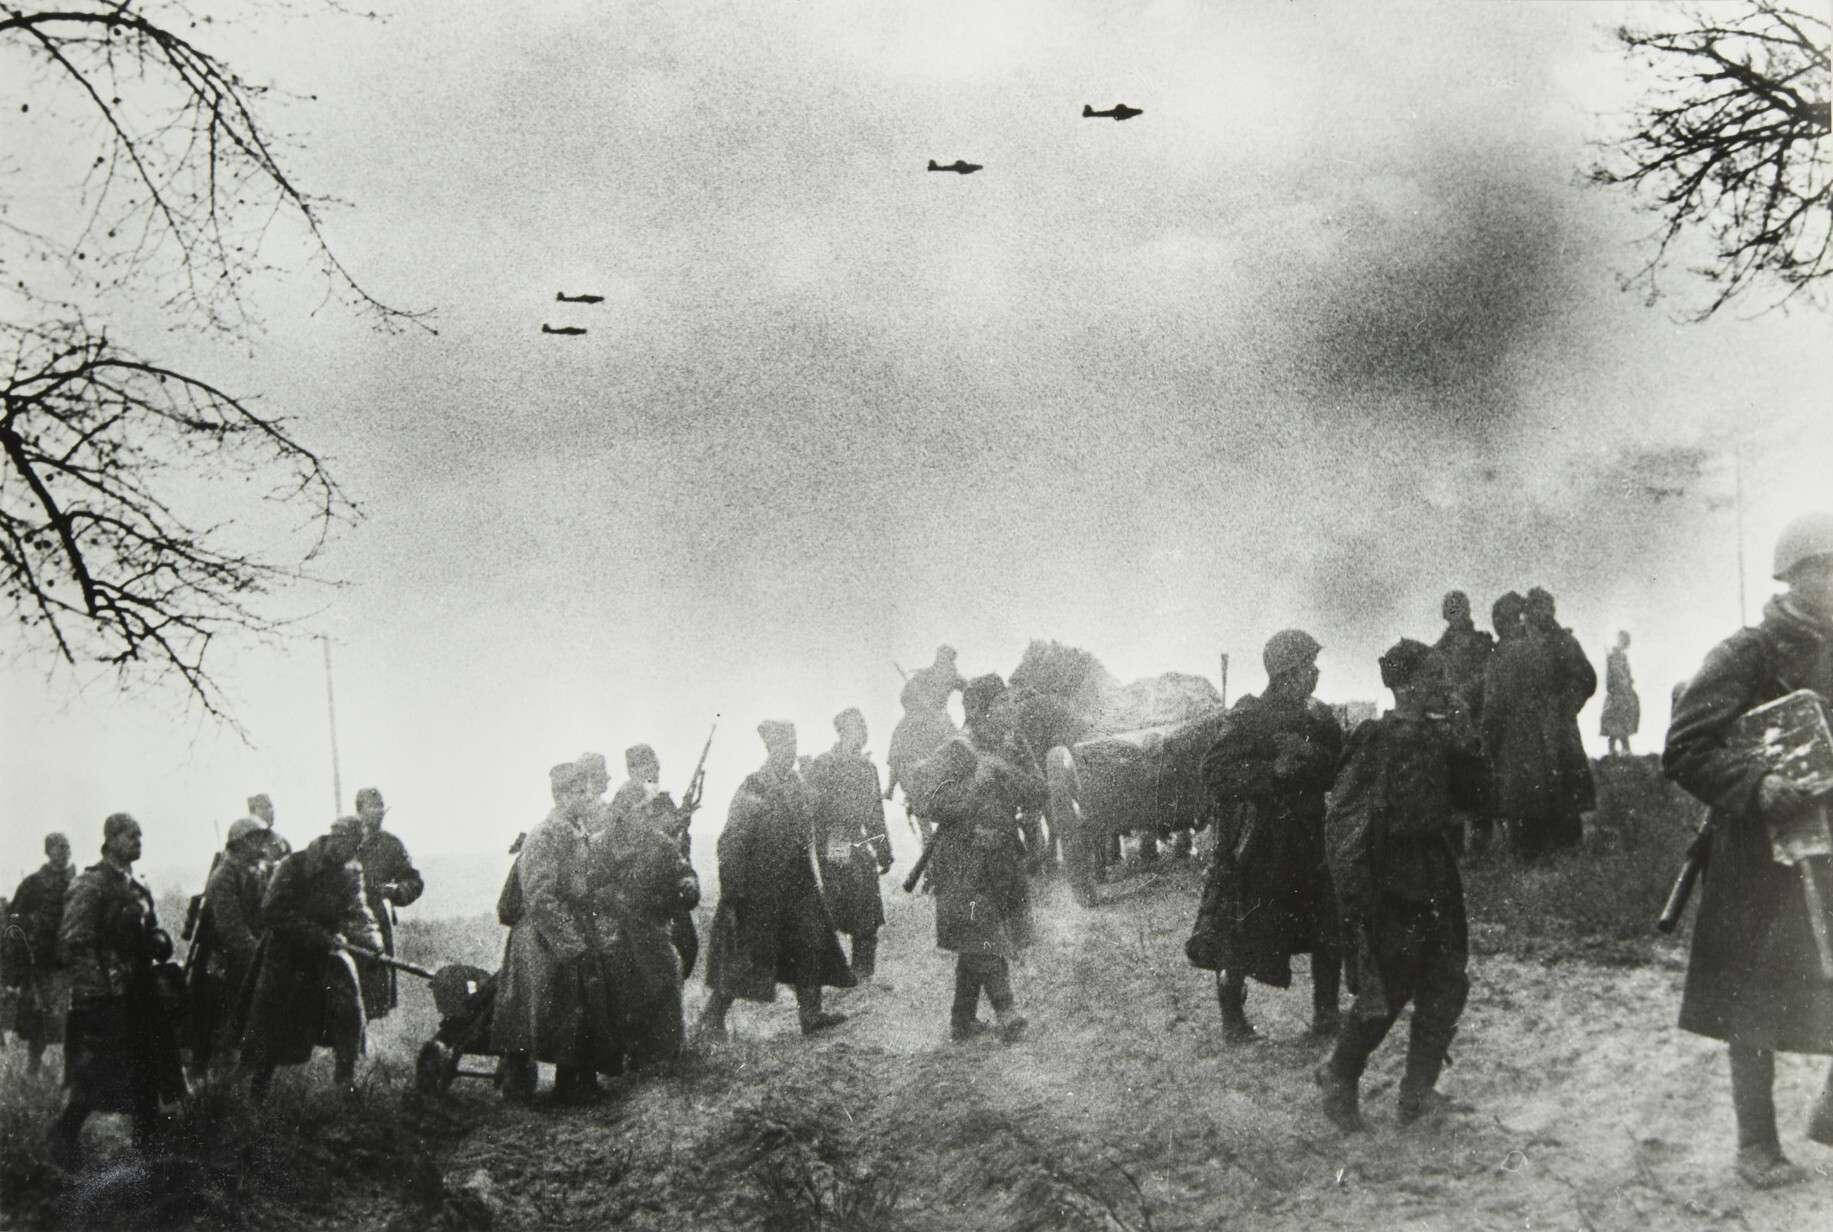 Иван Шагин  На Берлин   Германия, 1945